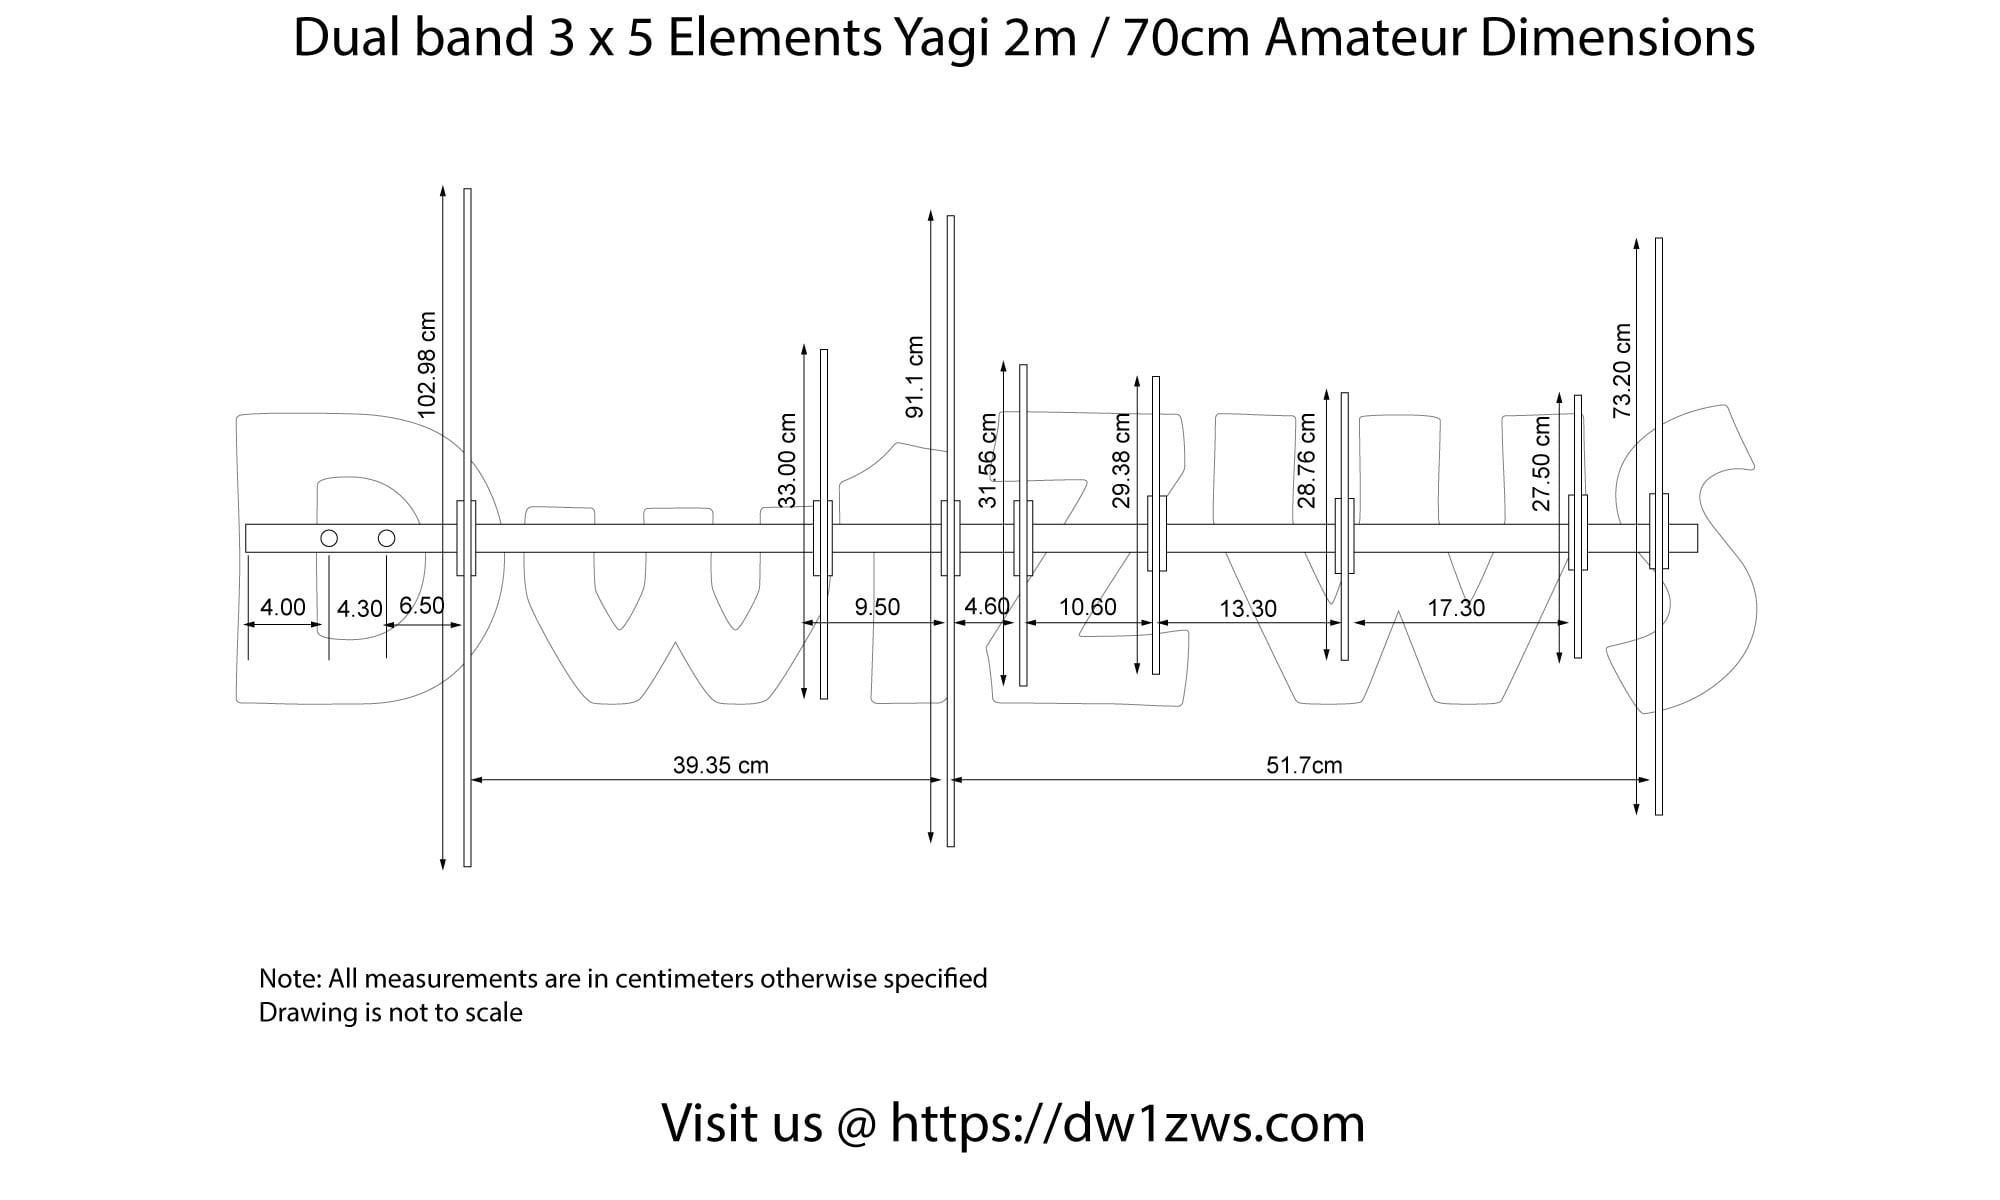 3x5 2m/60cm dualband yagi